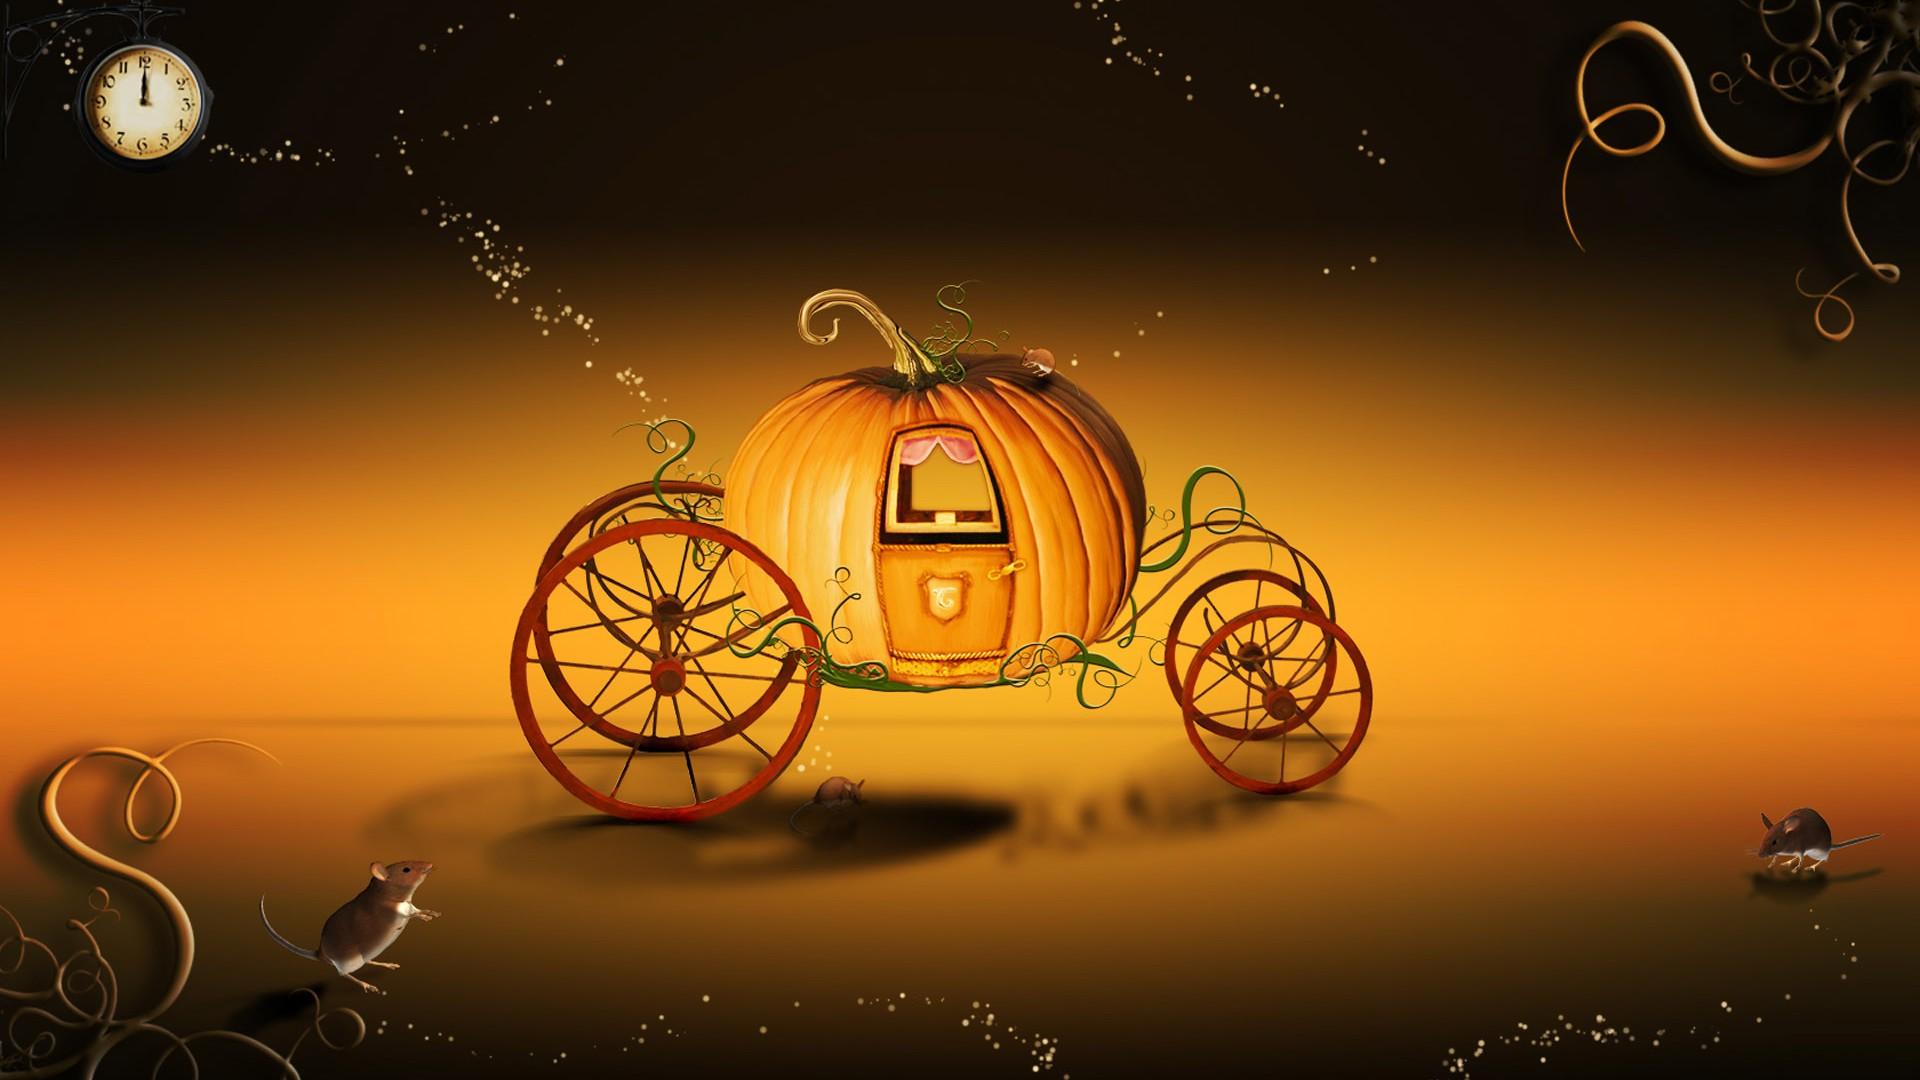 Halloween Pumpkin Cart Wallpaper